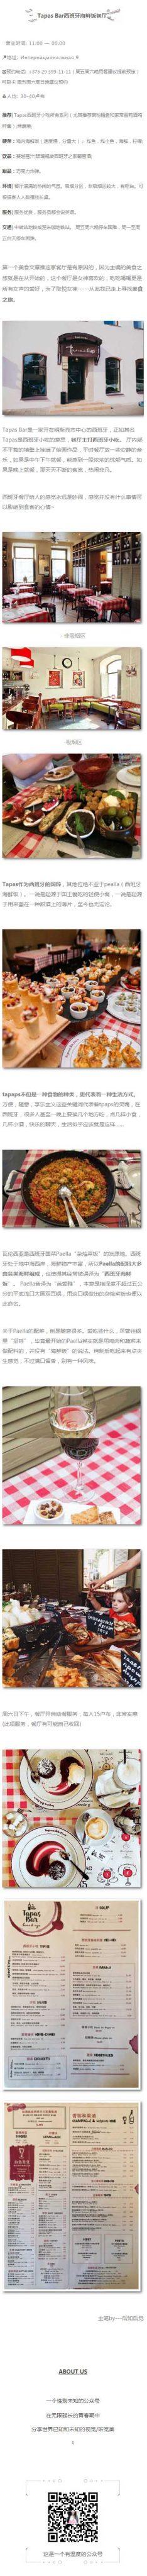 简约黑白灰配色 餐饮美食推荐 带彩色小图标